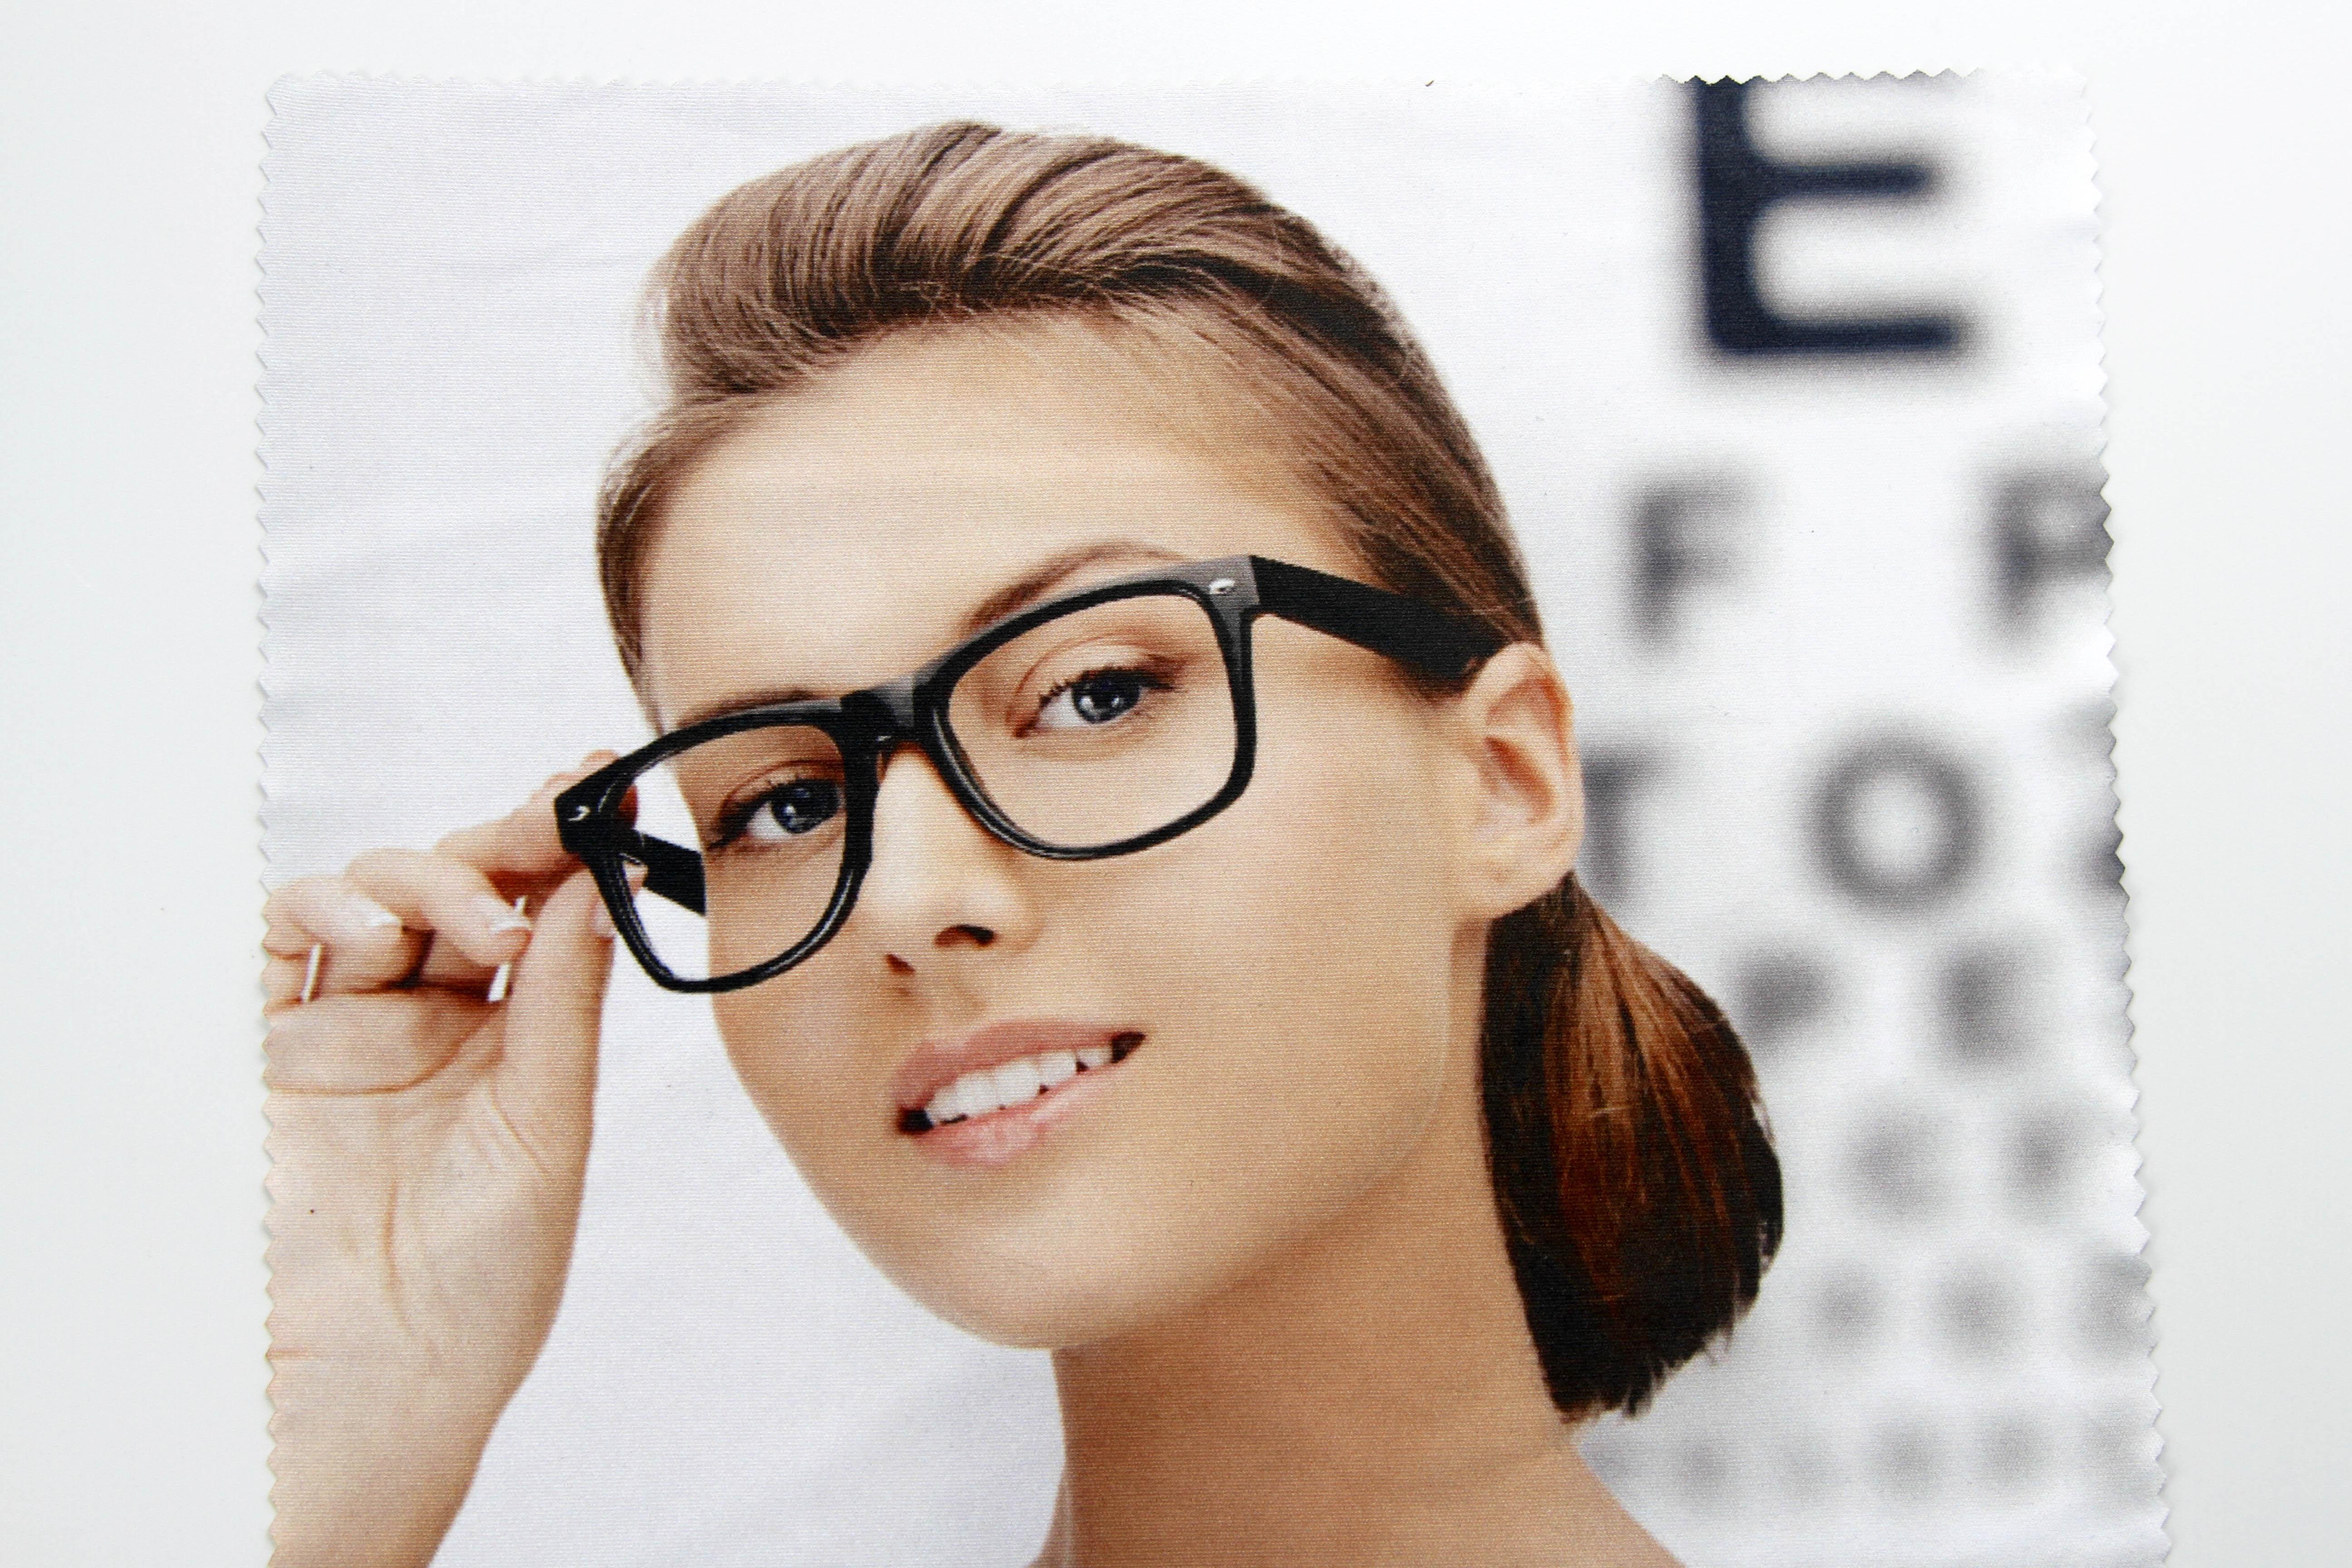 Druckbeispiel-Frau-mit-Brille-Helome-Microfiber-Microfaser-Brillenputztuch-www-helome-kl5oQL75MMJN2jZ